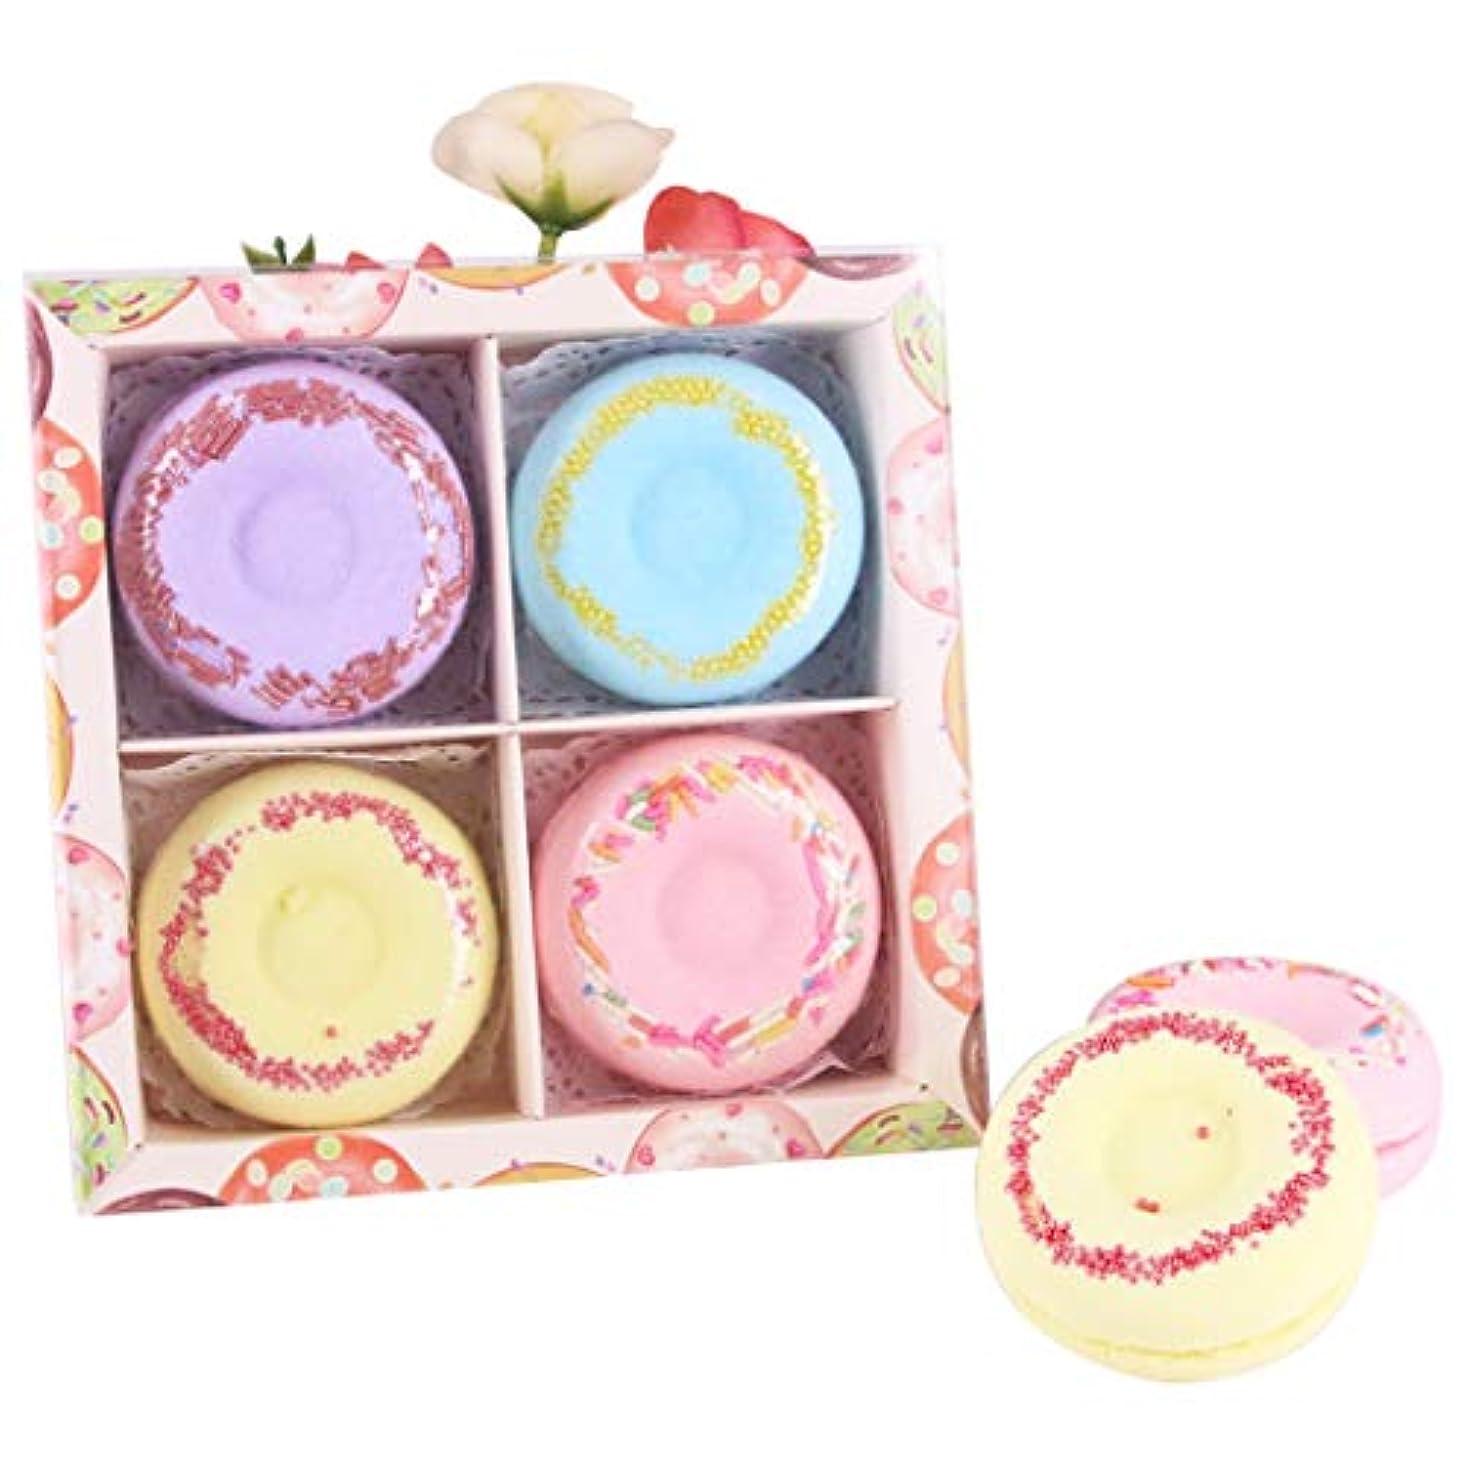 雑種グリーンバックフィッティングFunpa 4枚セット 入浴剤 入浴ボール ドーナツ型 可愛い 精油 香り残す バレンタインデー 彼女のプレゼント お風呂用